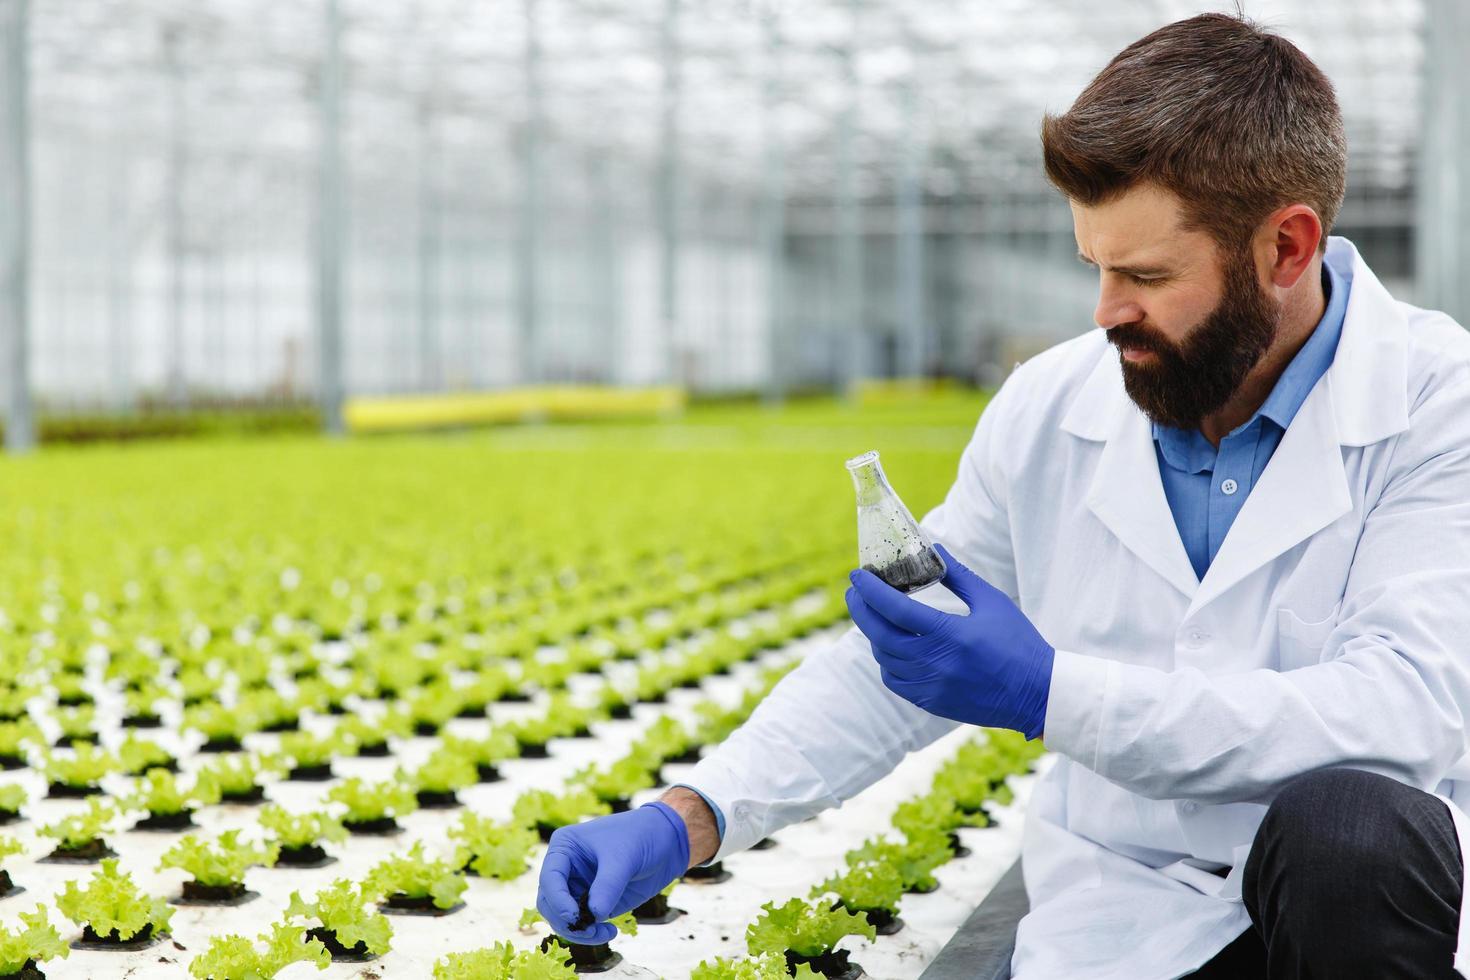 l'uomo prende una sonda di vegetazione in una beuta foto